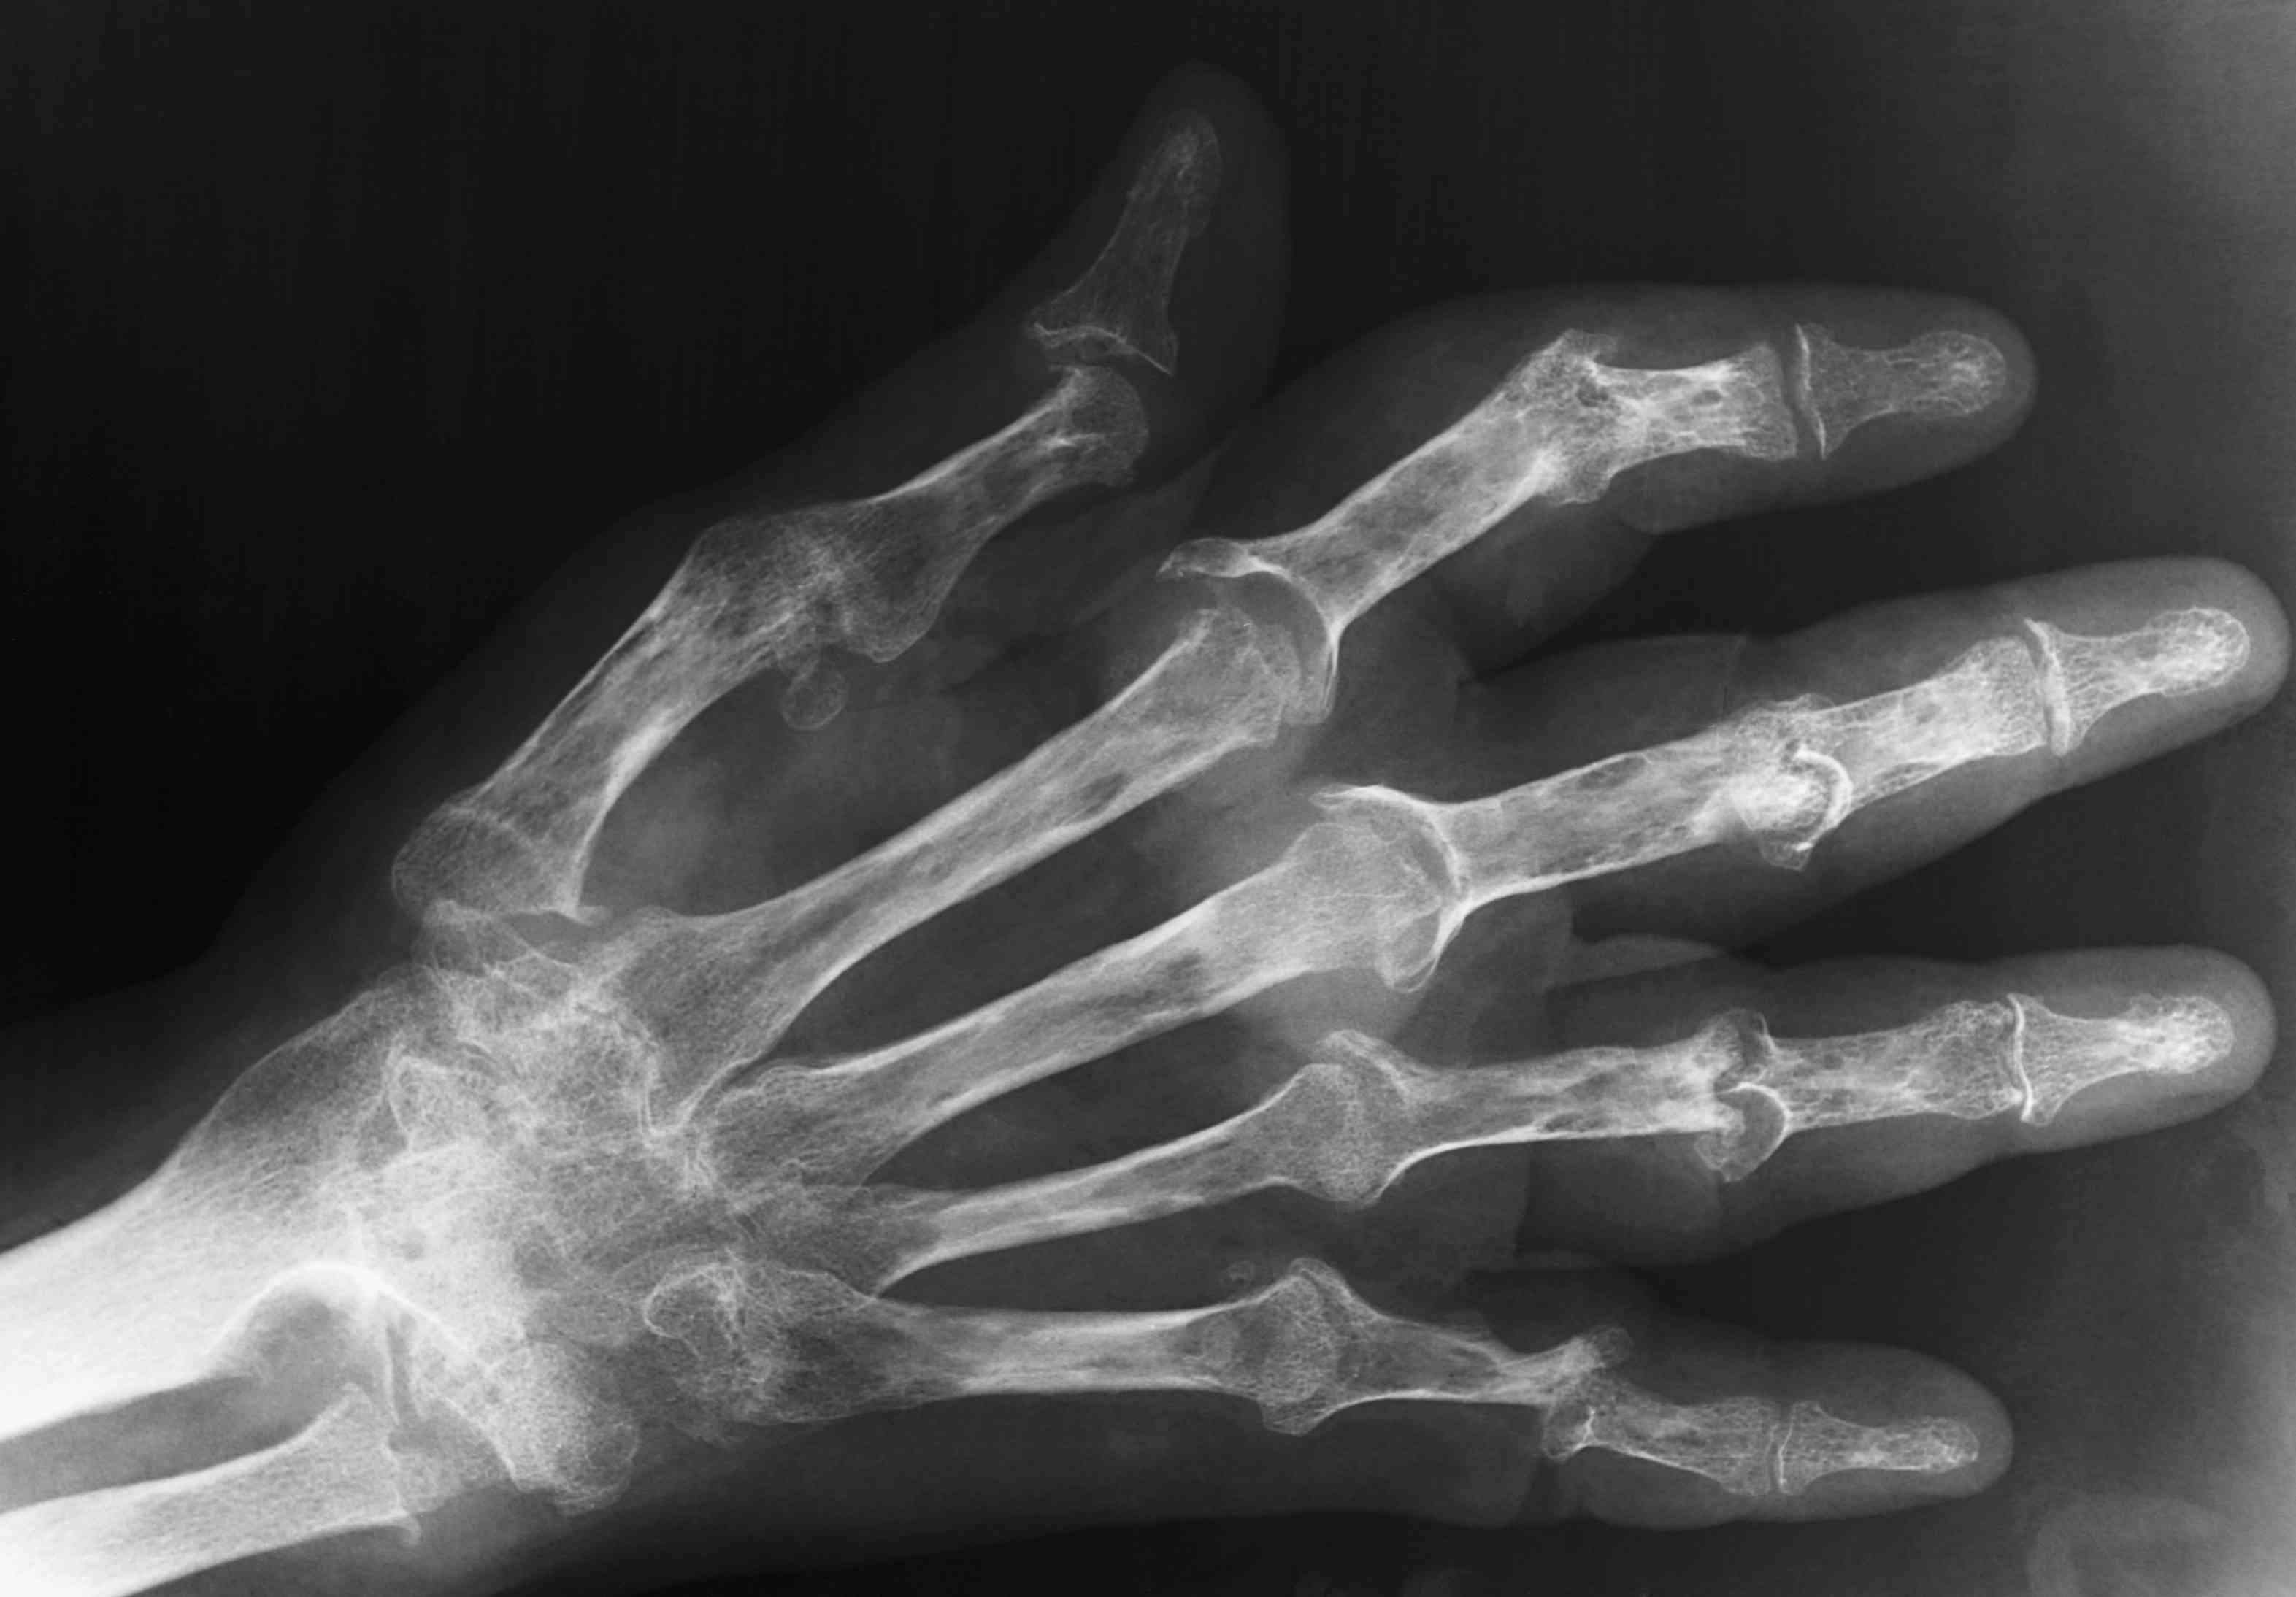 psoriatic arthritis of hands